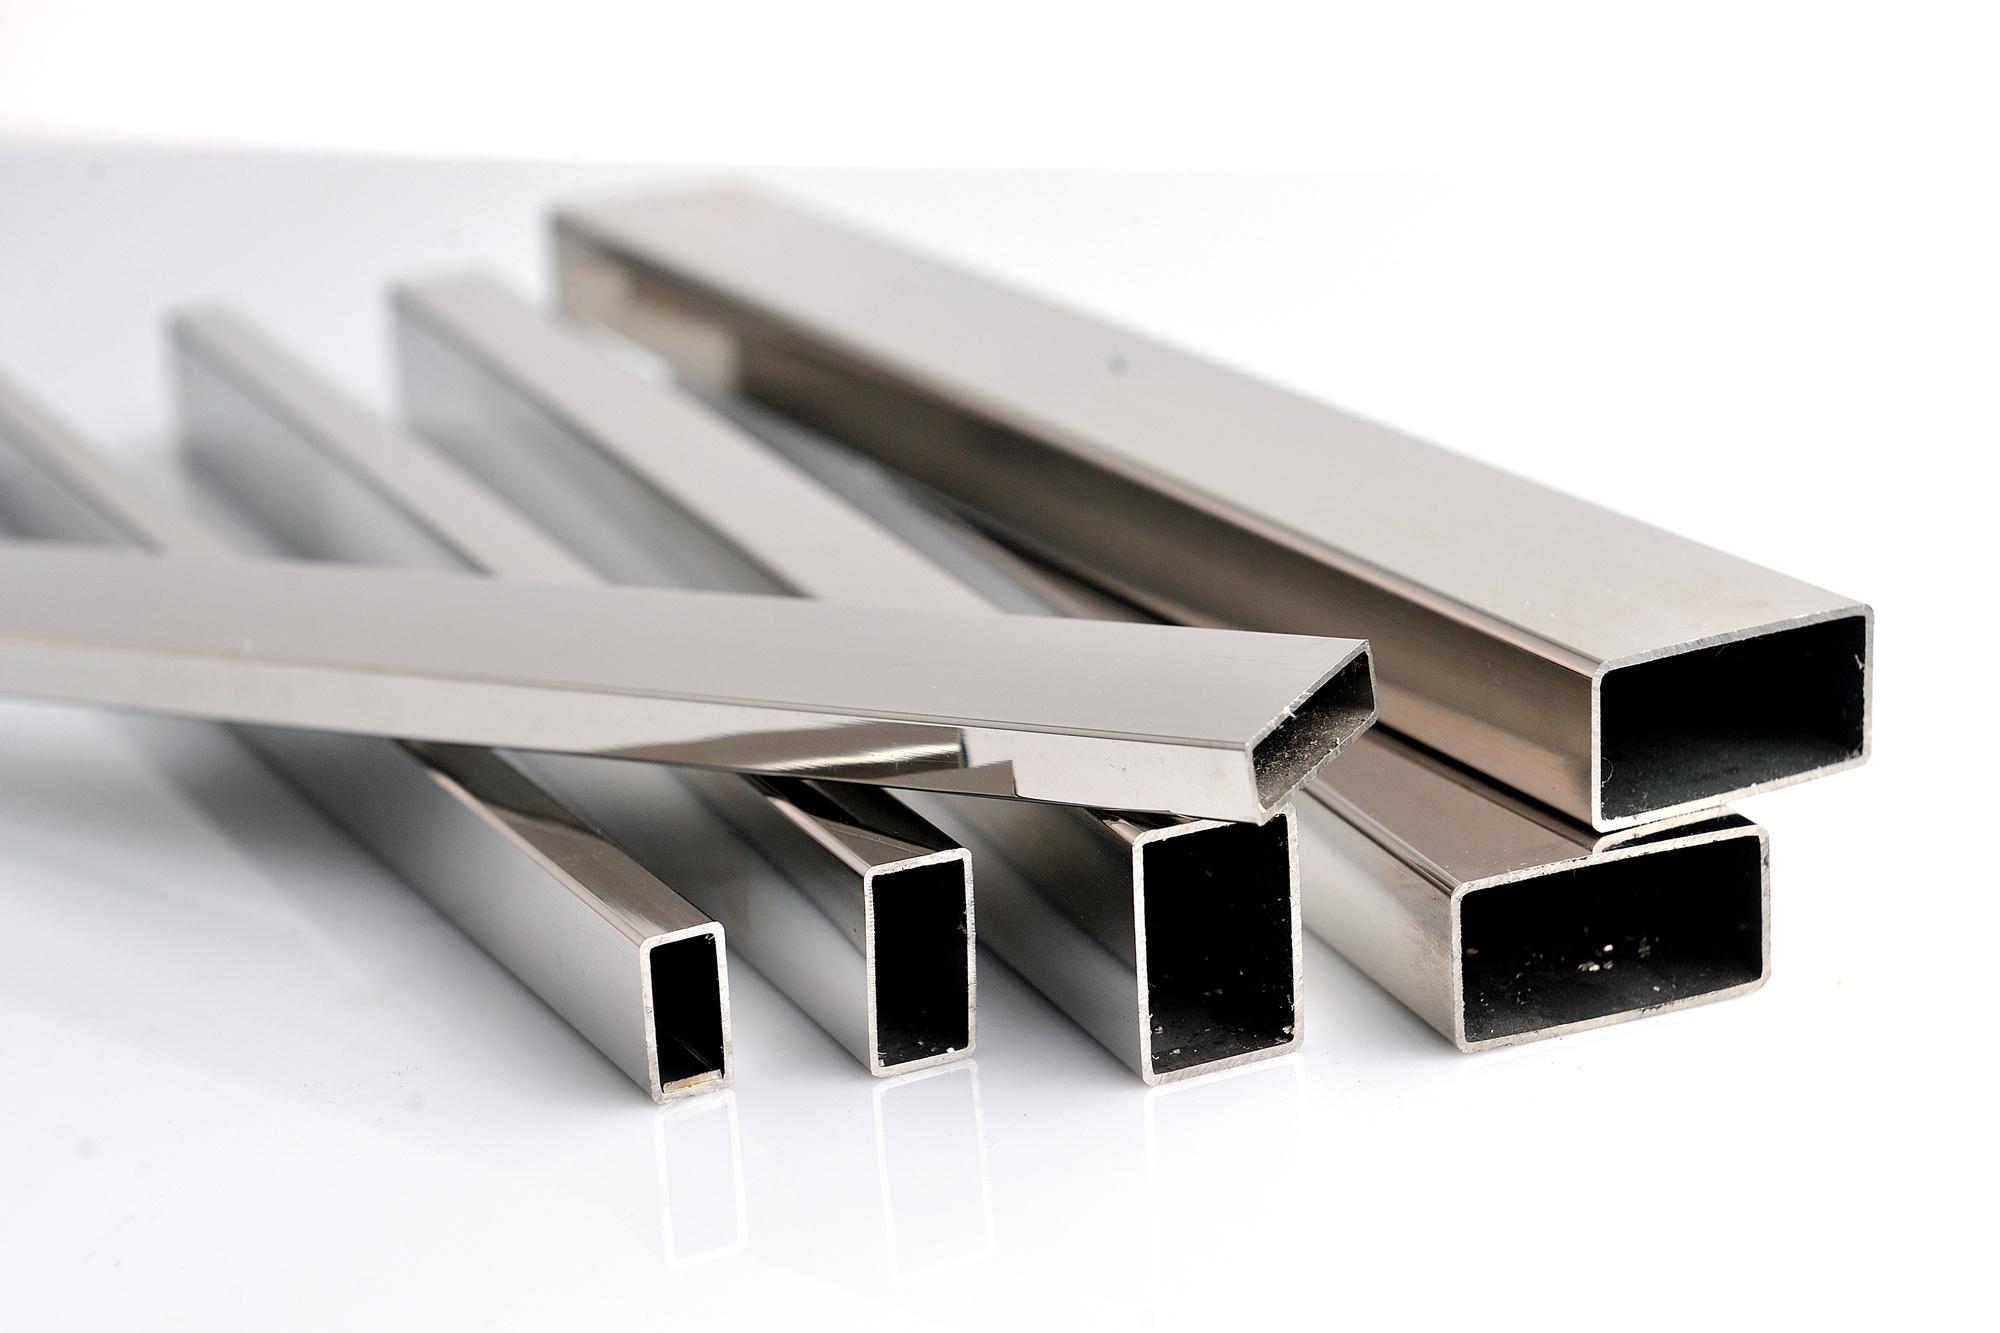 矩形不锈钢管批发展示 不锈钢焊管定制316L不锈钢矩管厂家现货